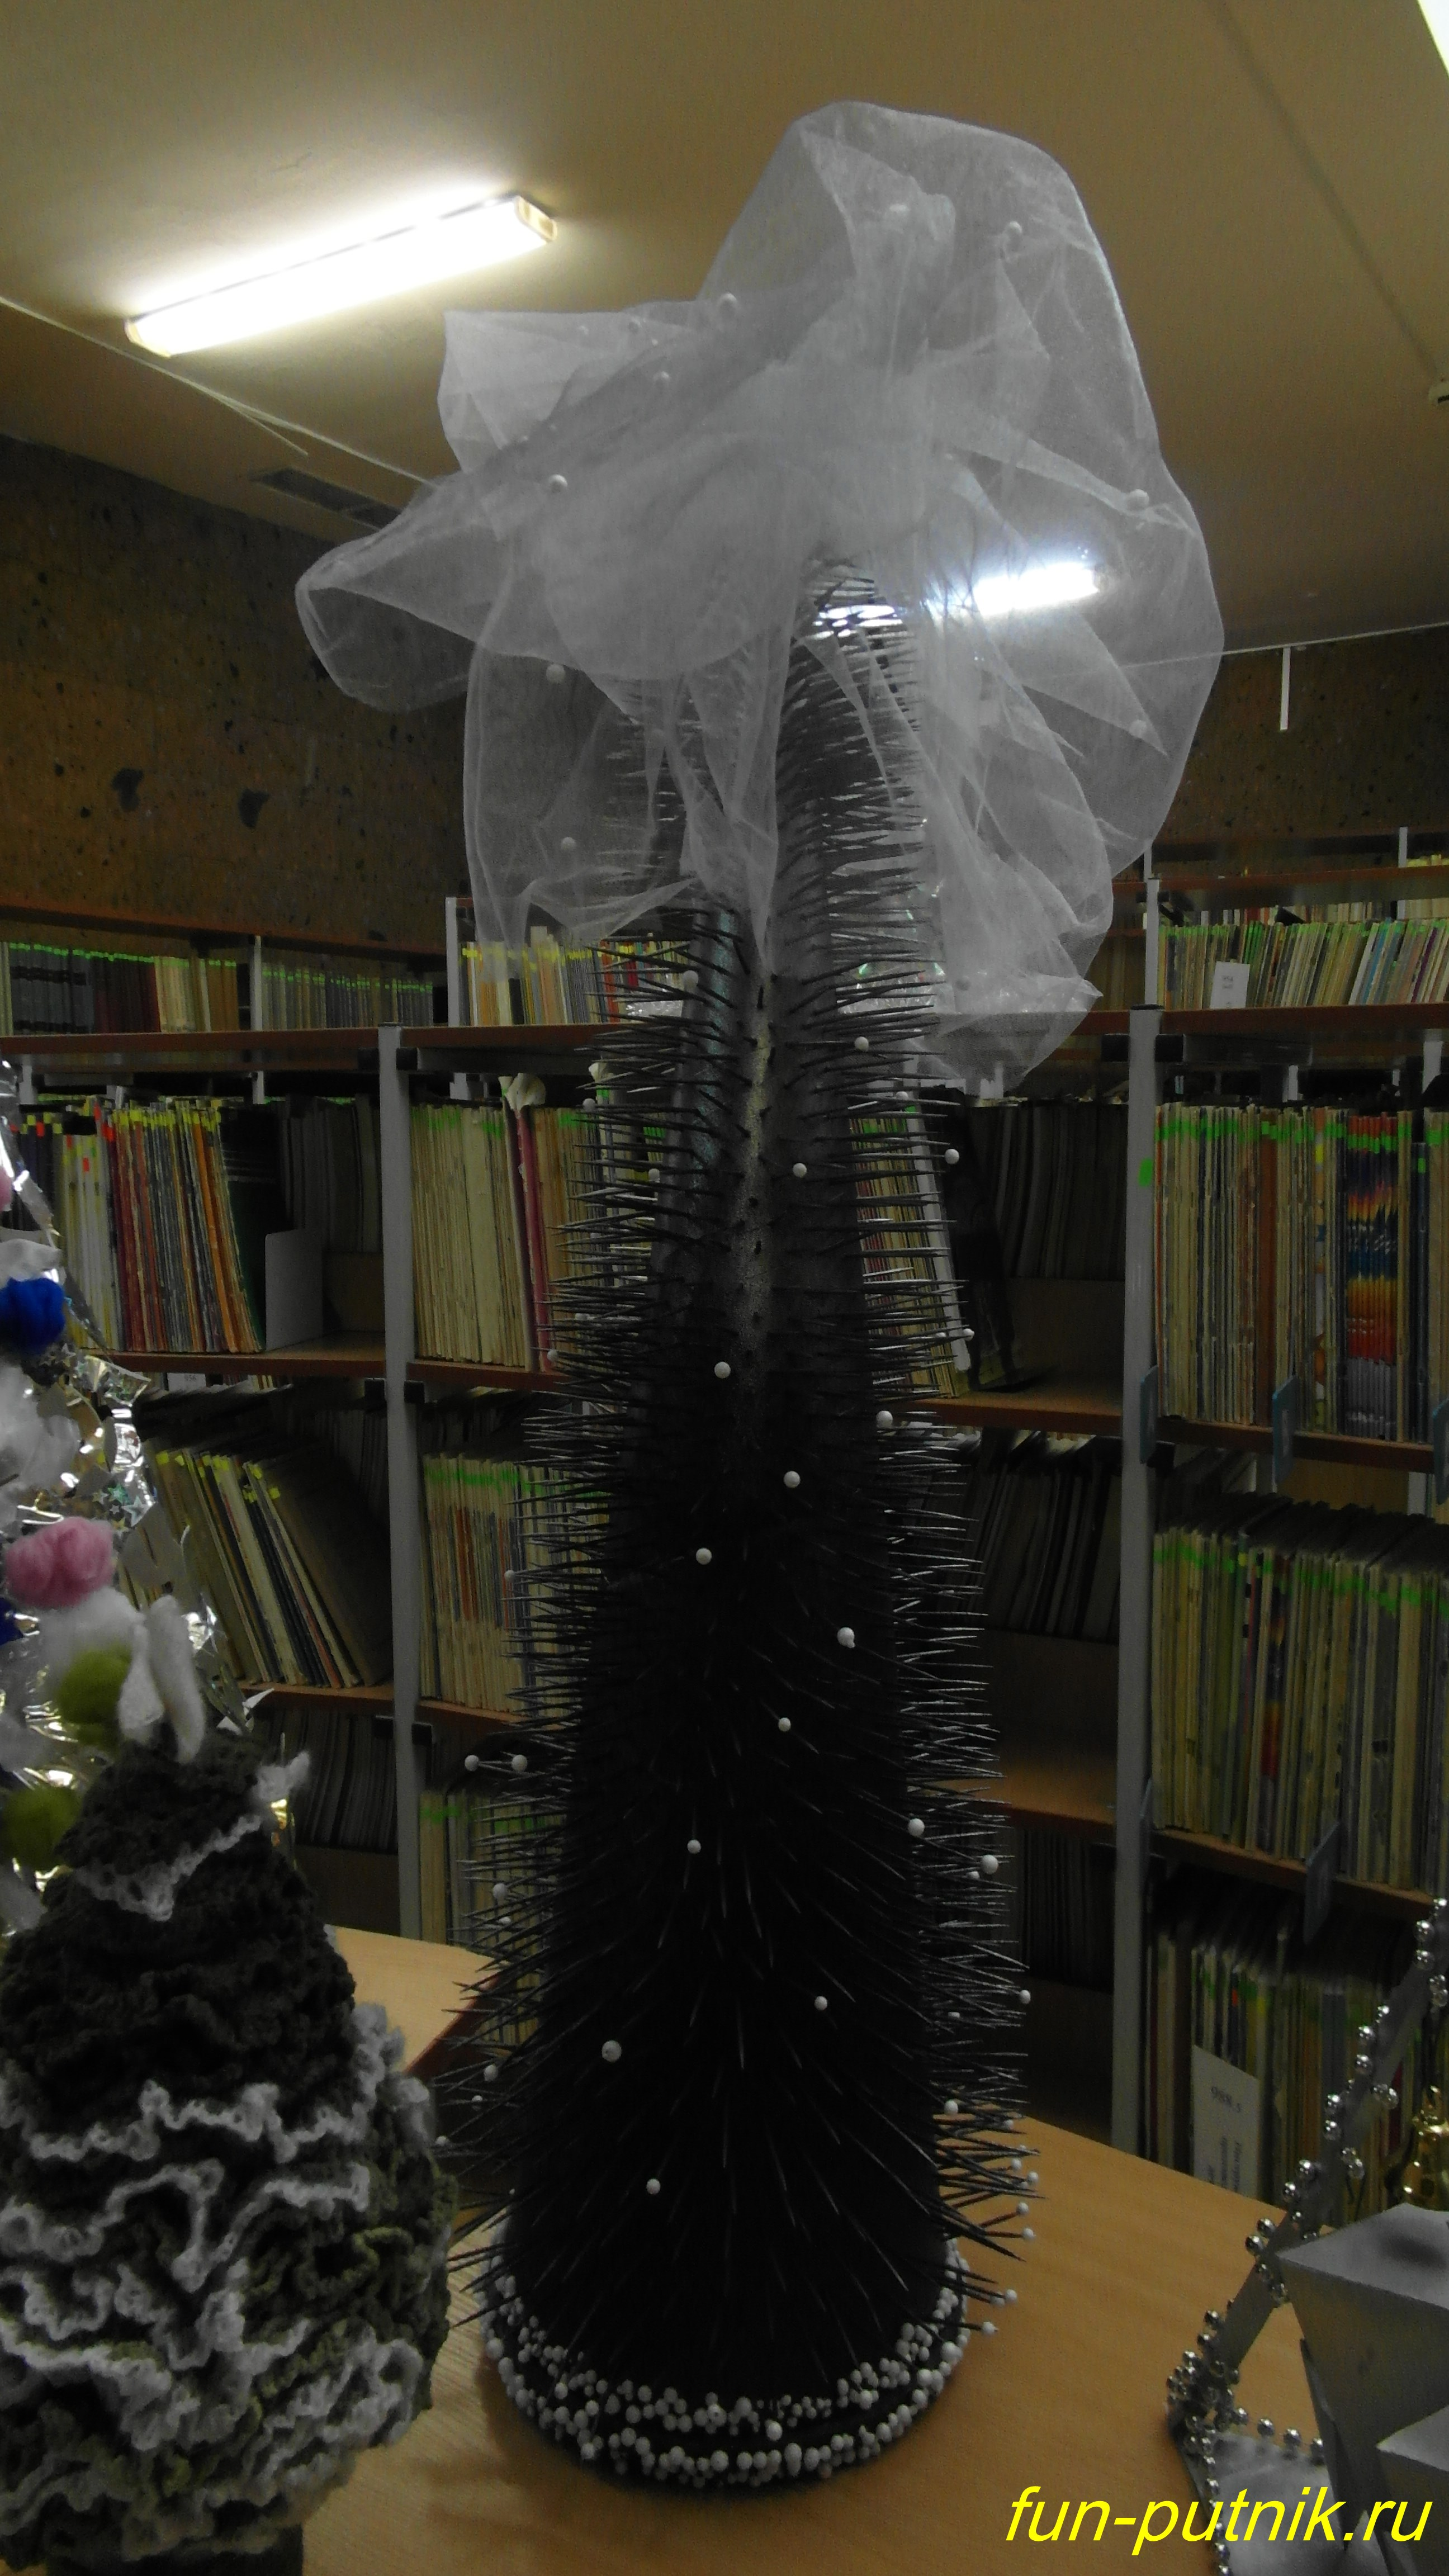 Арт елки от ростовских дизайнеров в Публичной библиотеке